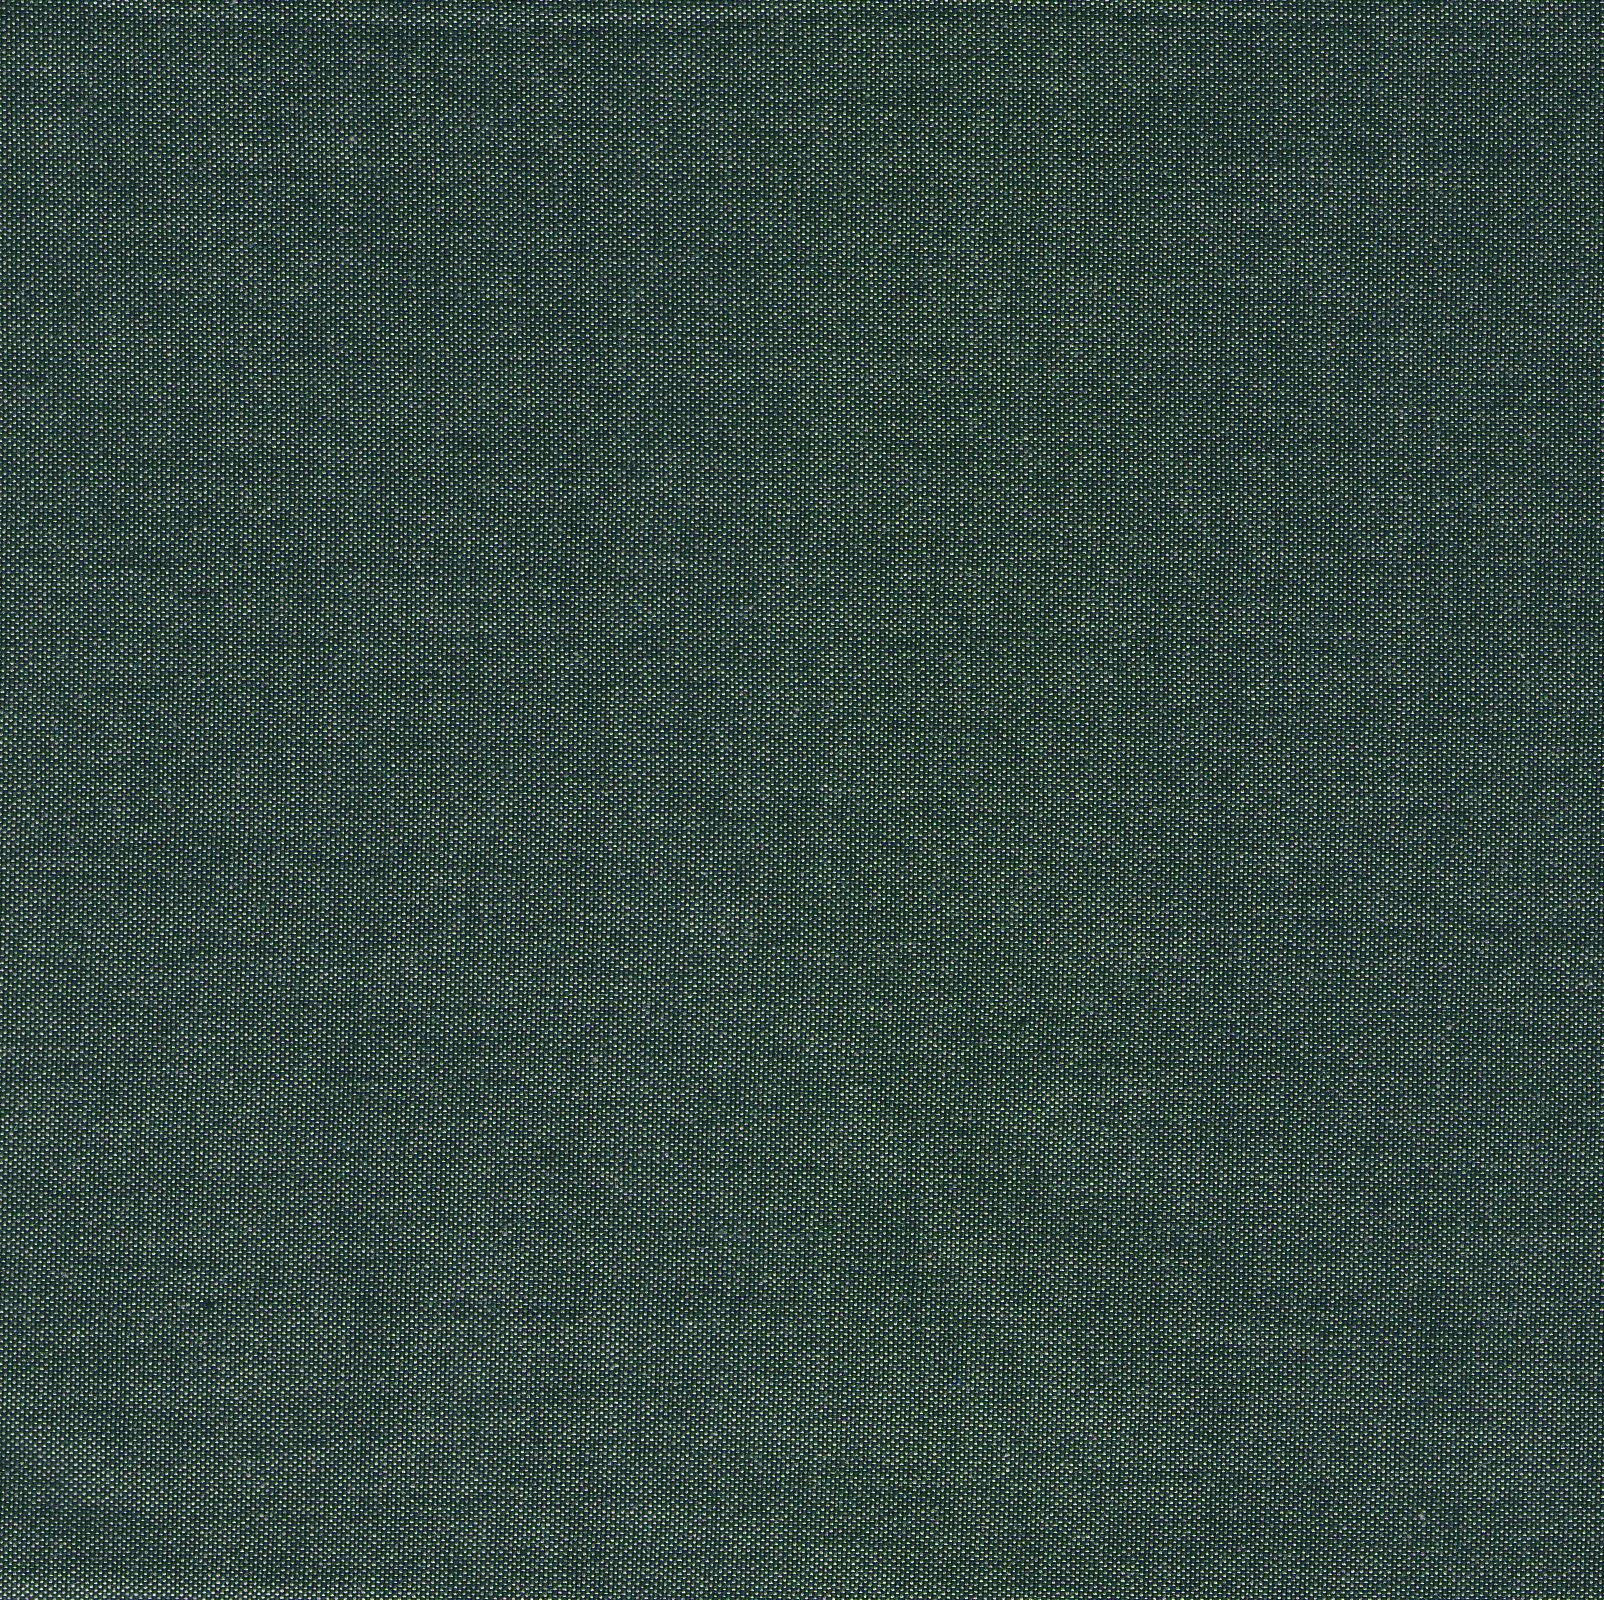 Oakshott Shot Cotton,Medium-Dark Sage-Green